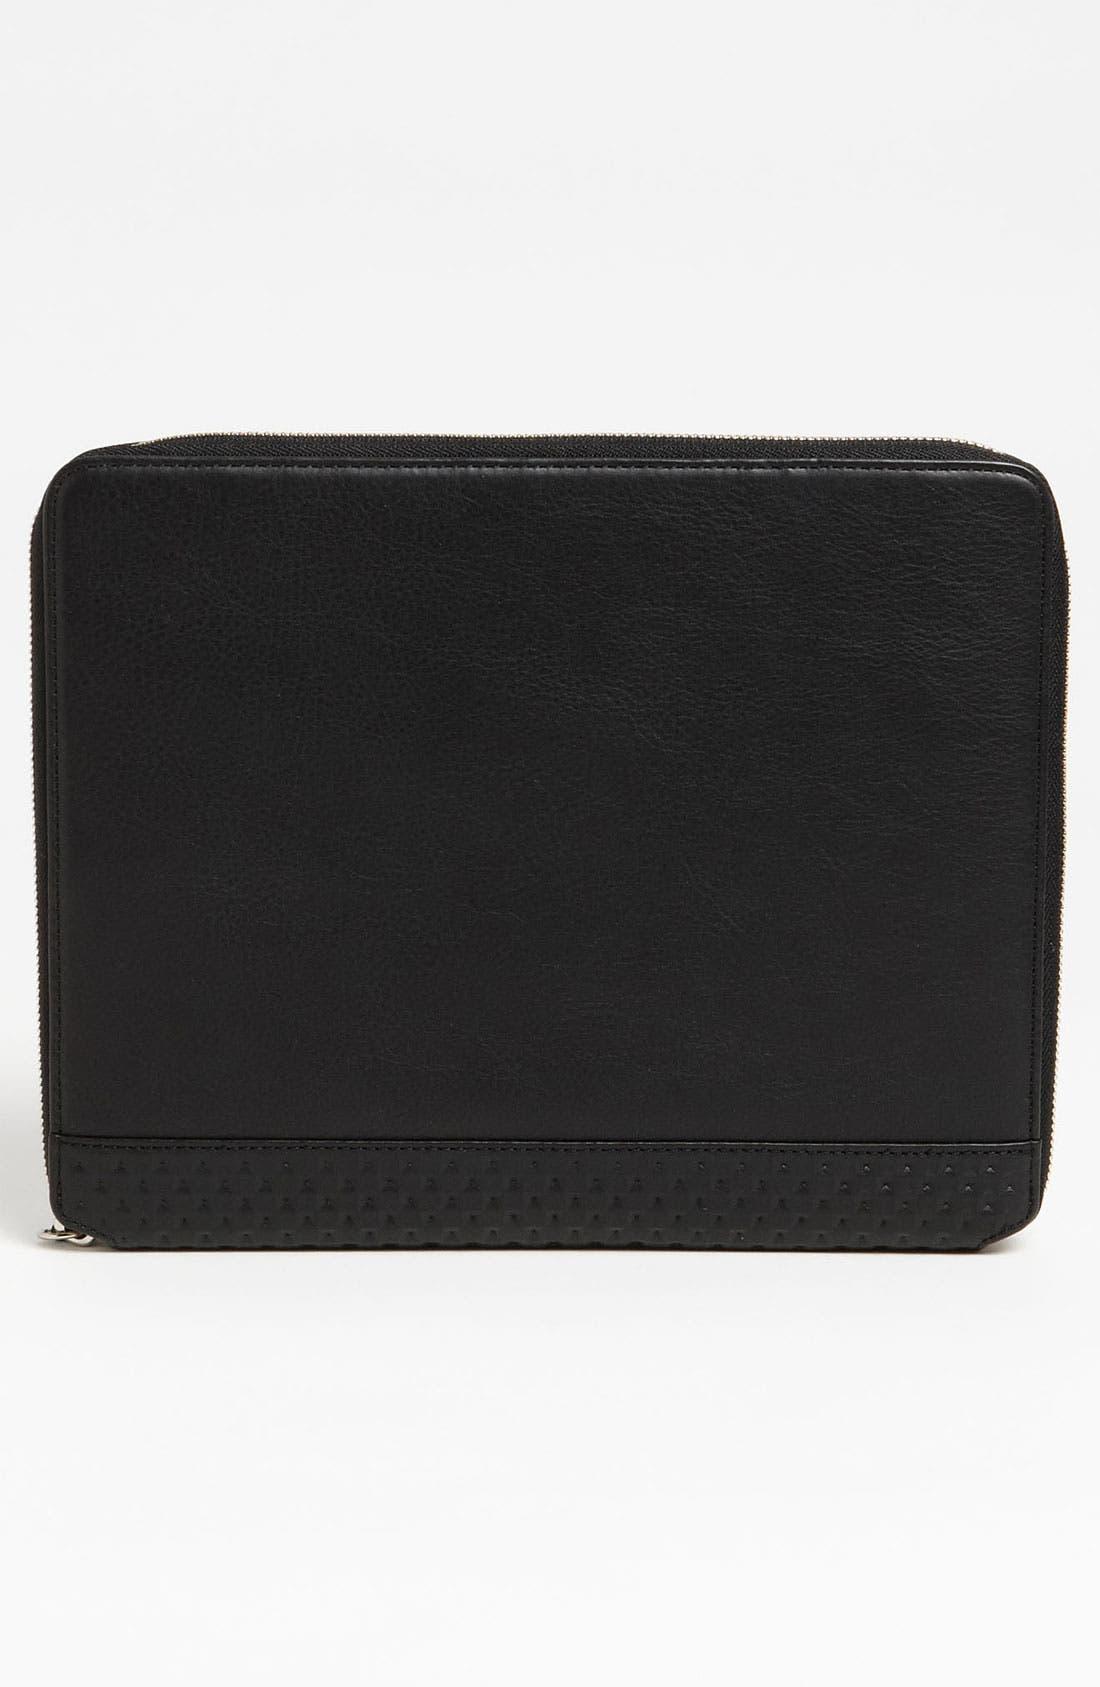 Main Image - WANT Les Essentiels de la Vie 'Narita' iPad Case